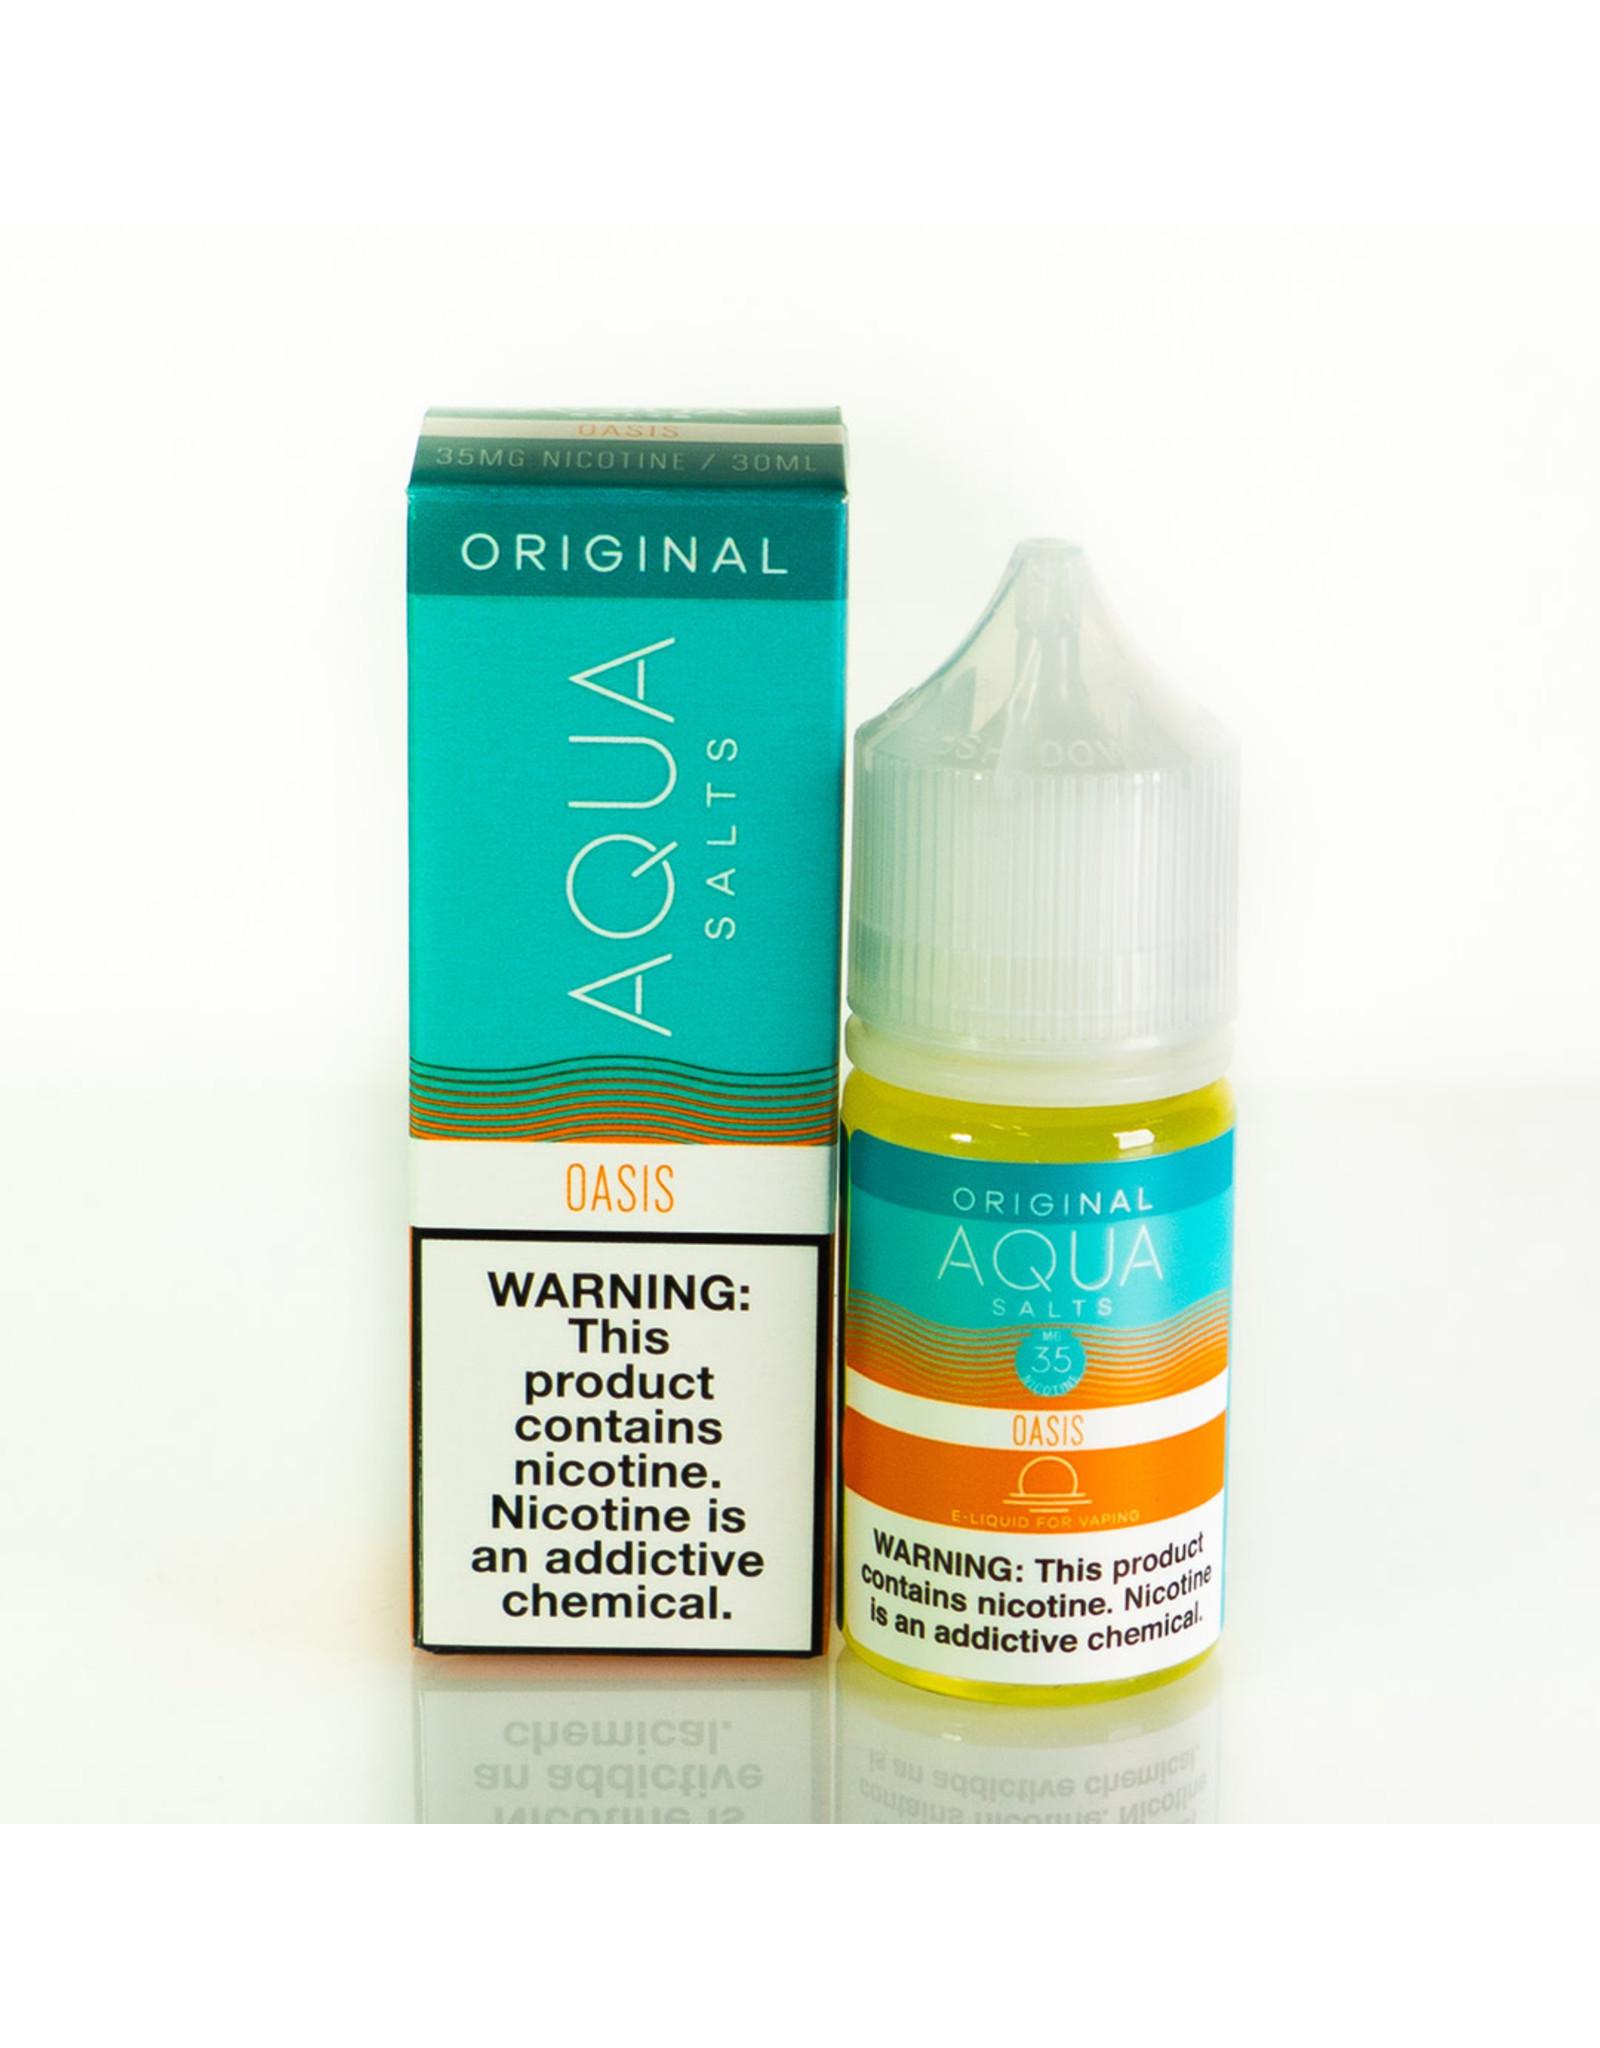 Aqua Aqua Salts: Original Salt Liquid-